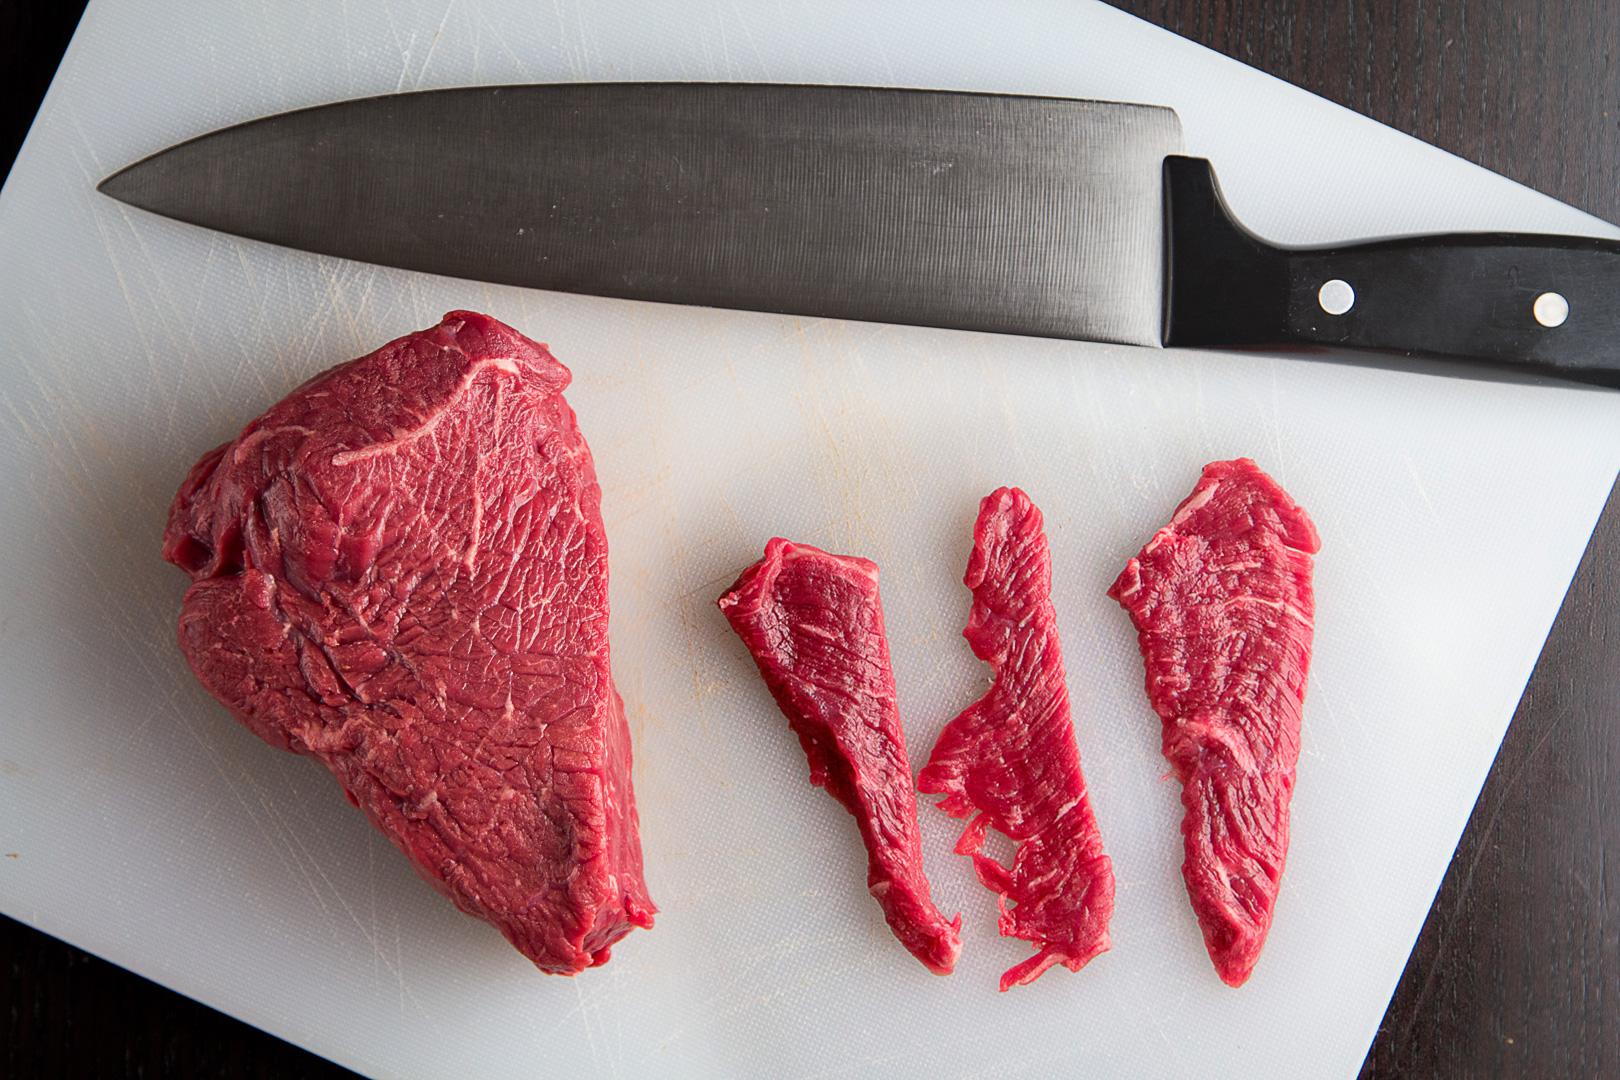 Steak cut paper thin